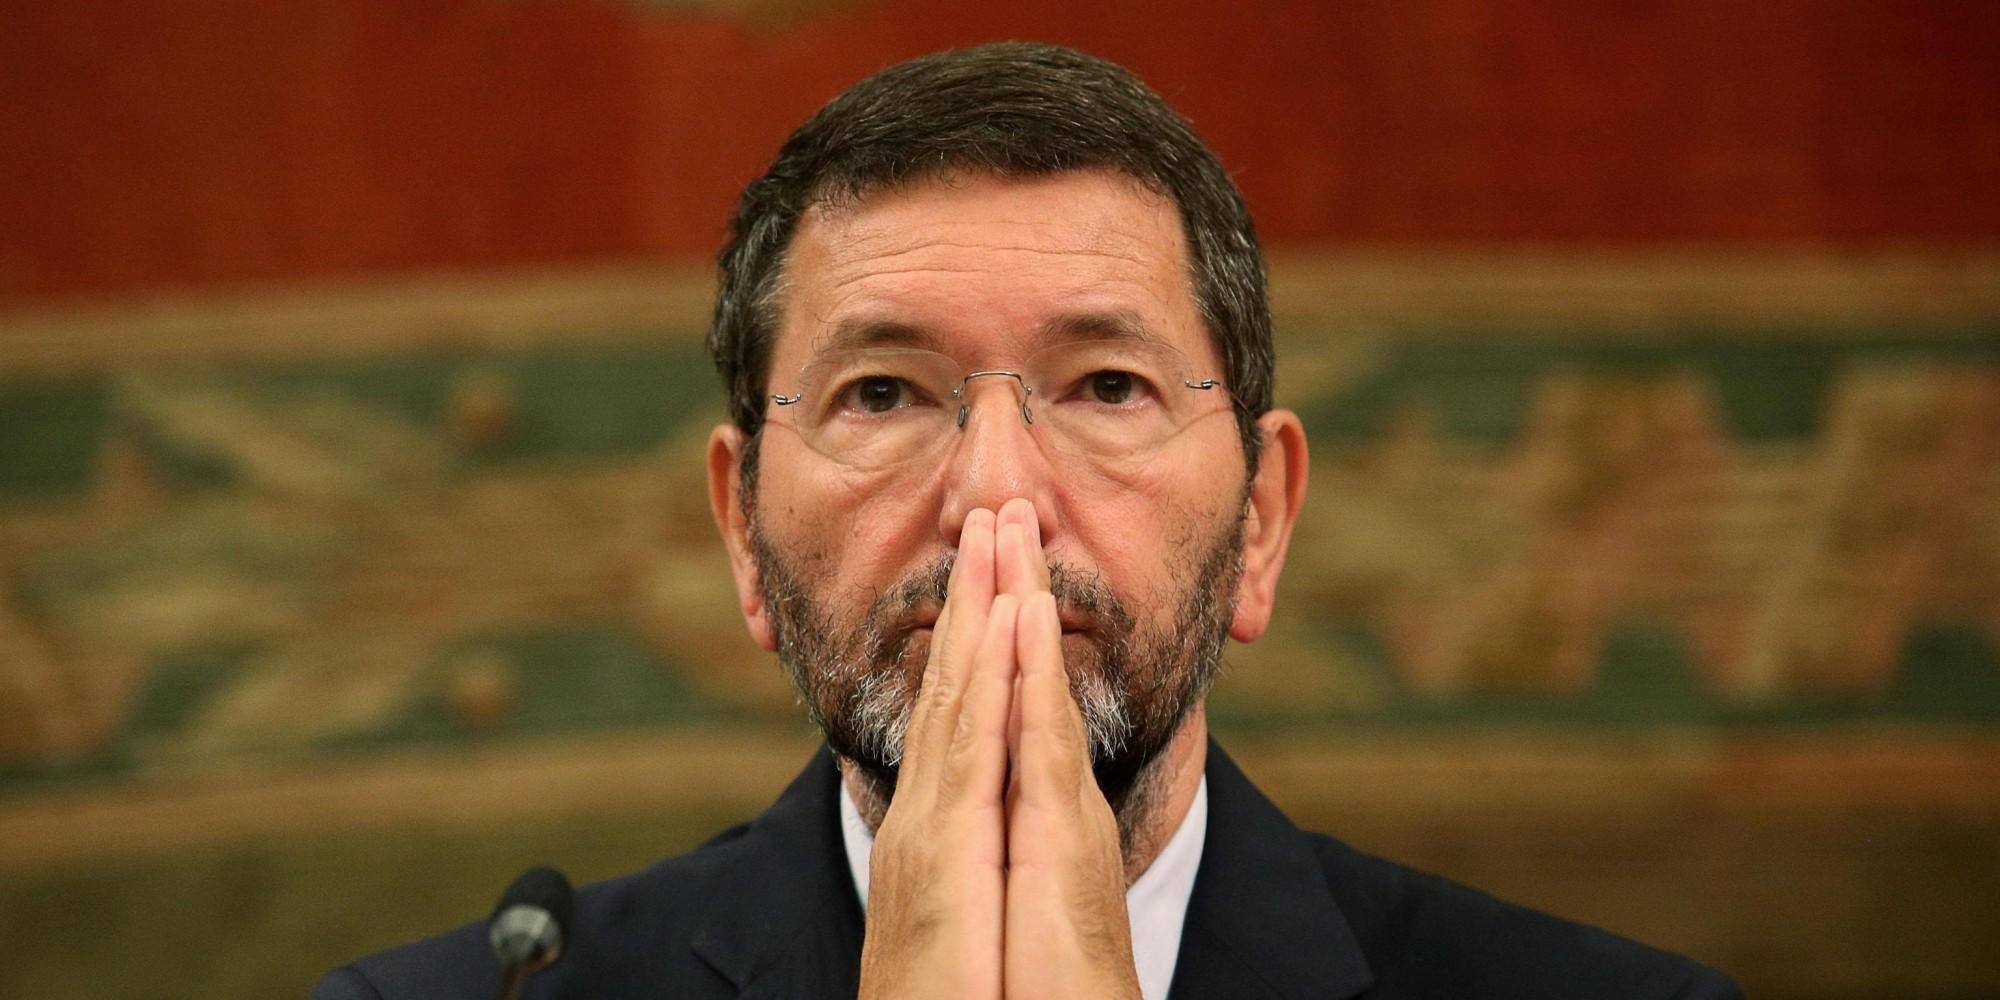 Marino lascia e attacca il Pd: rinnega la democrazia